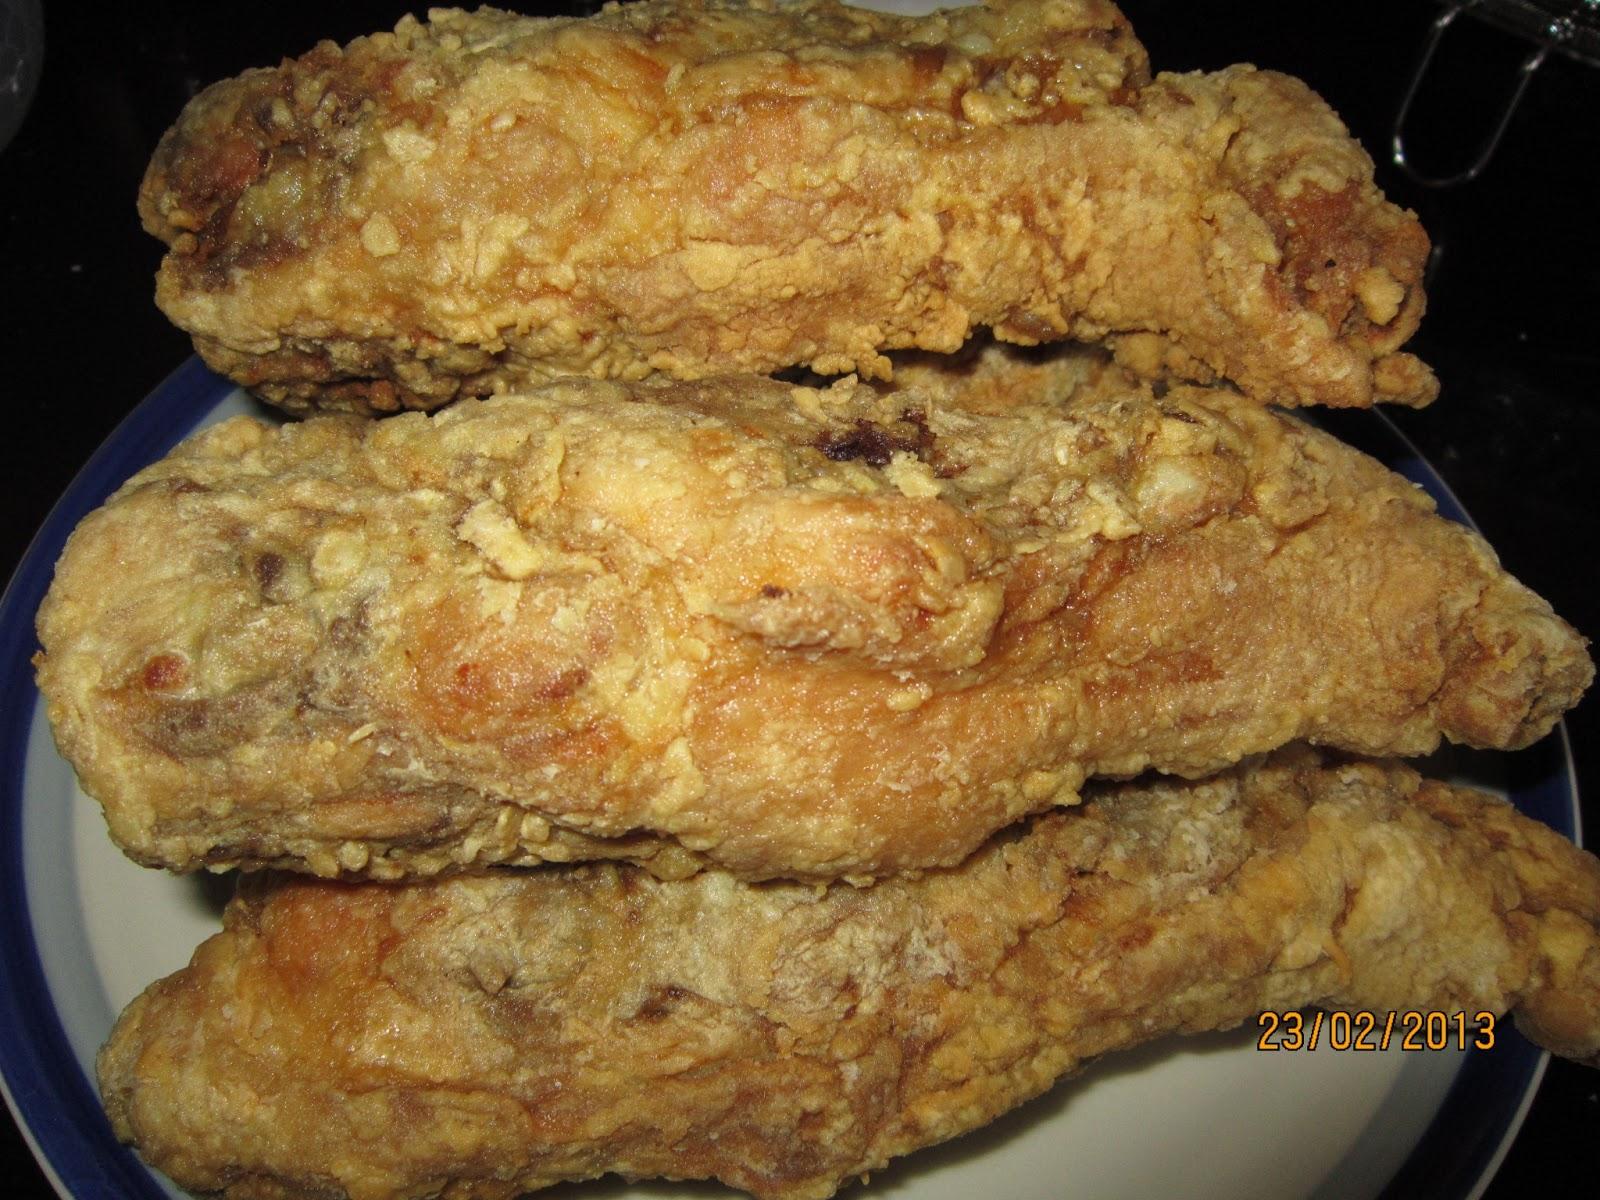 resepi cikgu ani rangka ayam goreng Resepi Ayam Goreng Serbuk Kari Enak dan Mudah